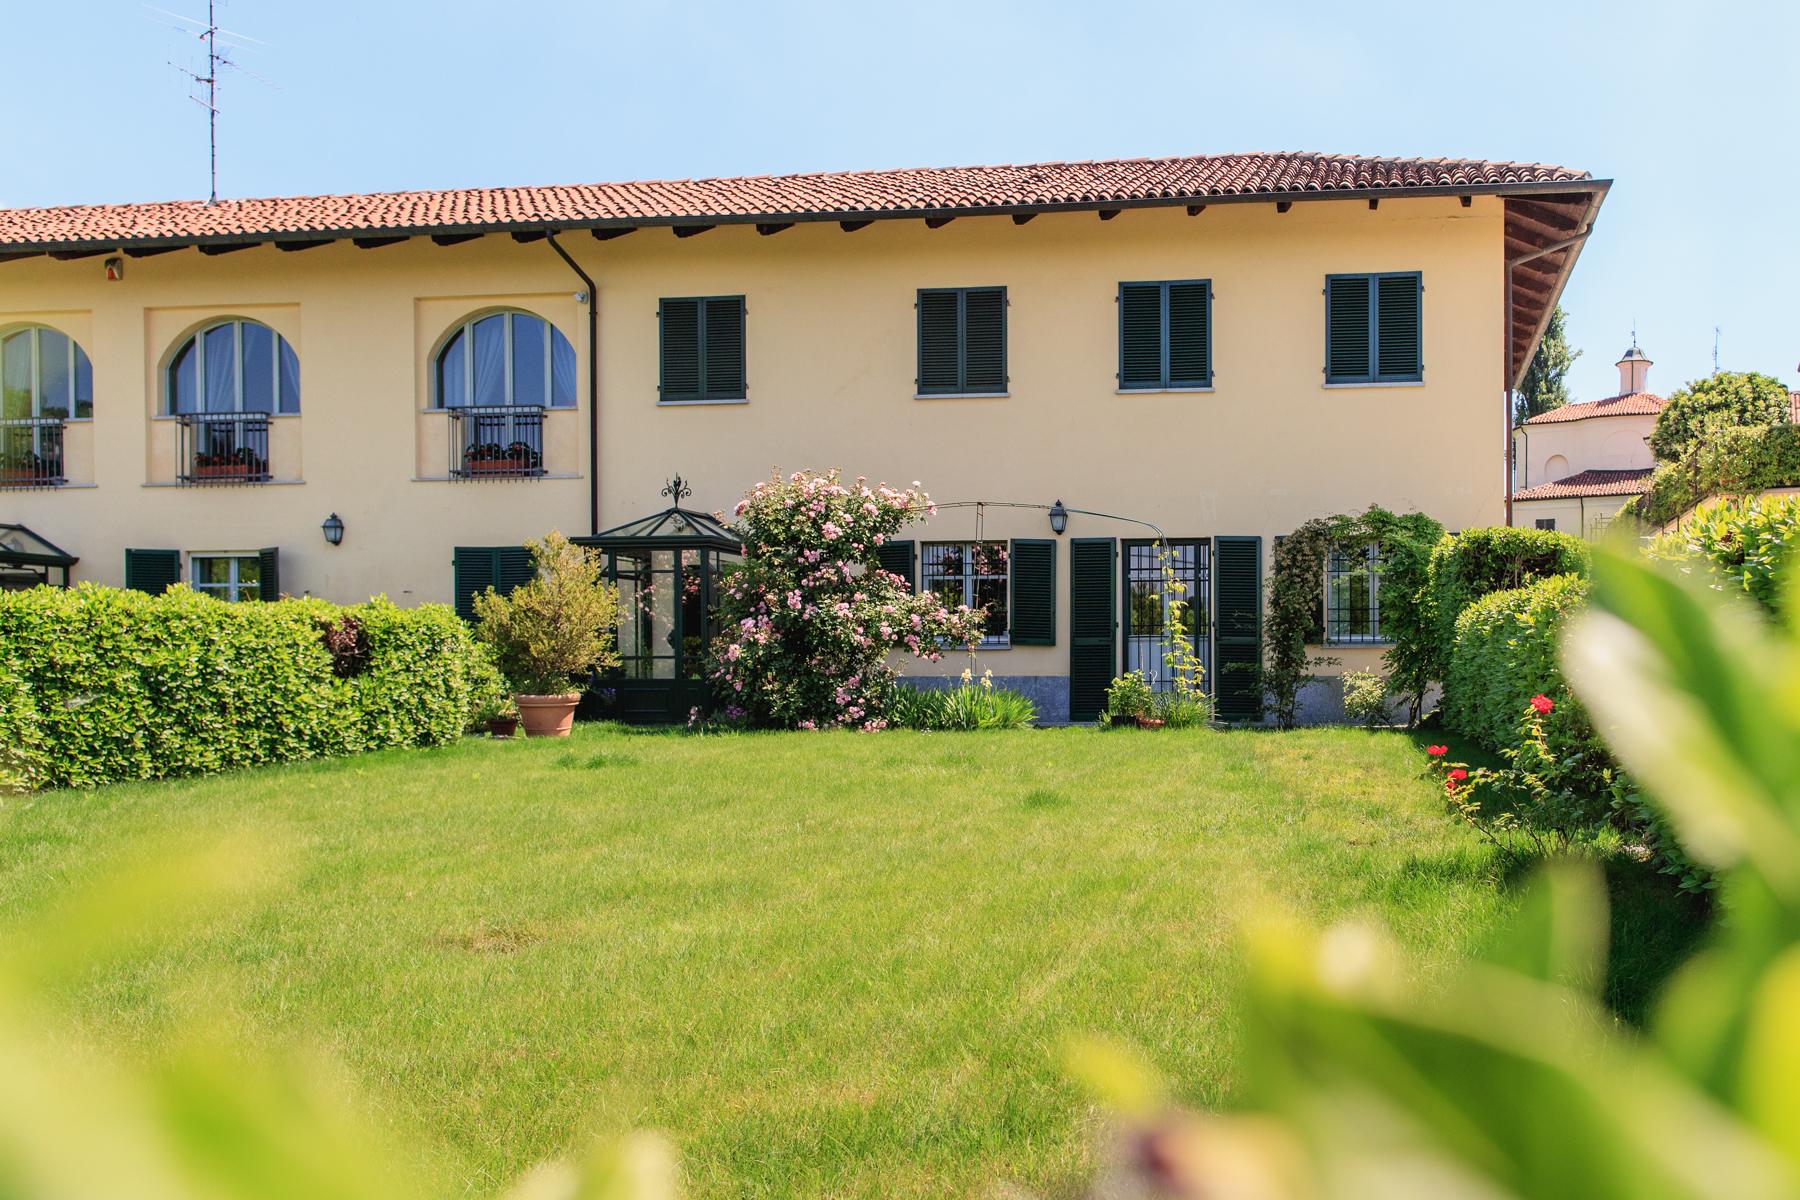 Casa indipendente in Vendita a Moncalieri: 5 locali, 370 mq - Foto 7